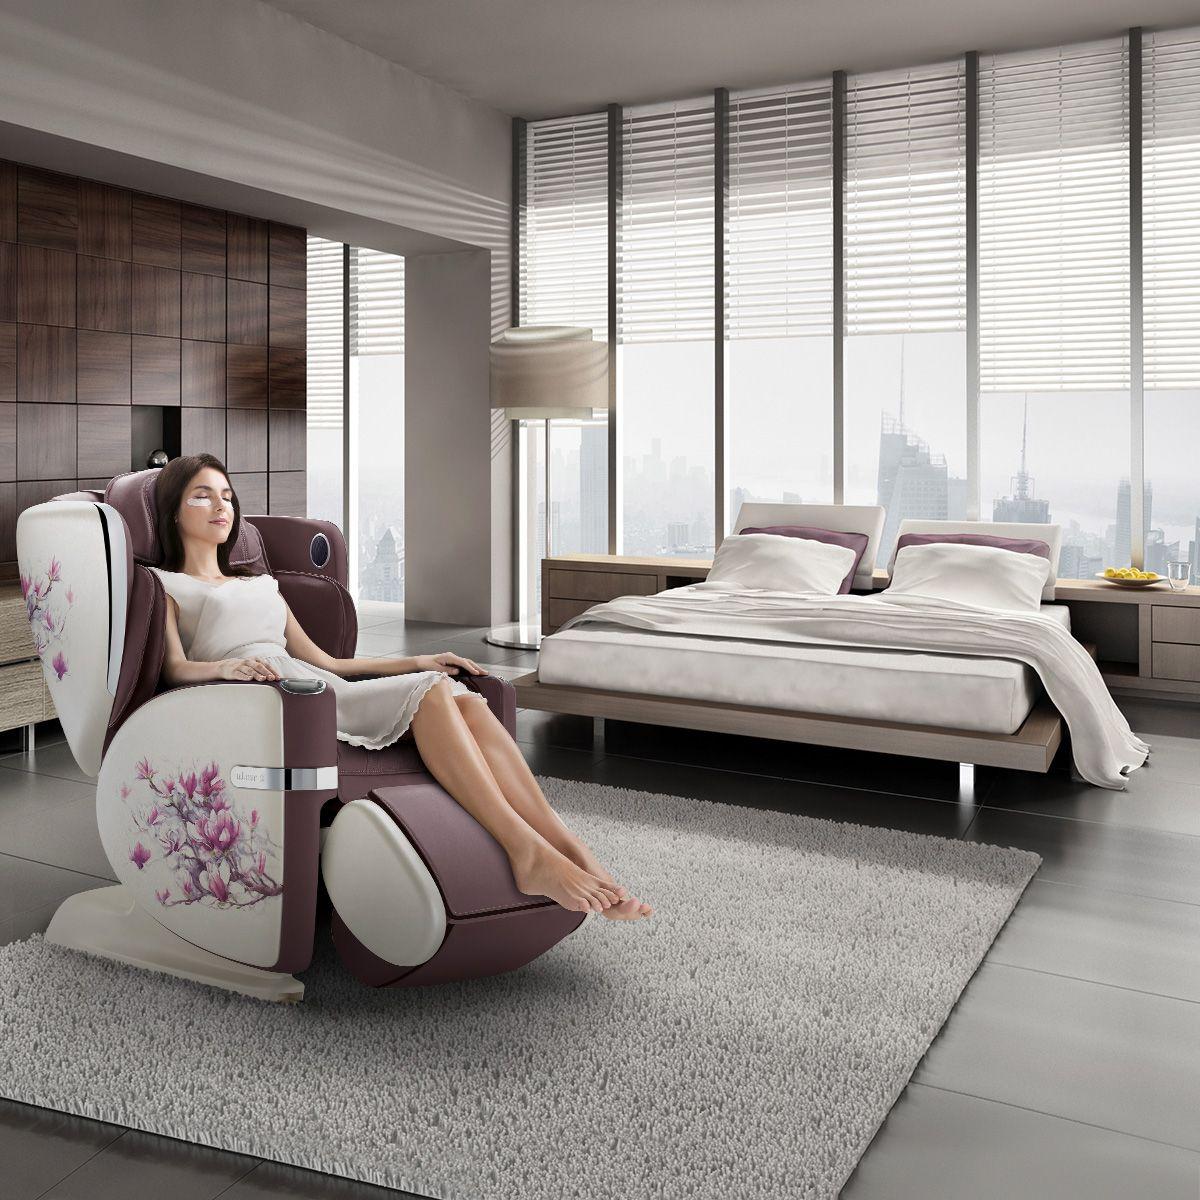 uLove2 Full Body Massager Chair, 4Hand Zero Gravity